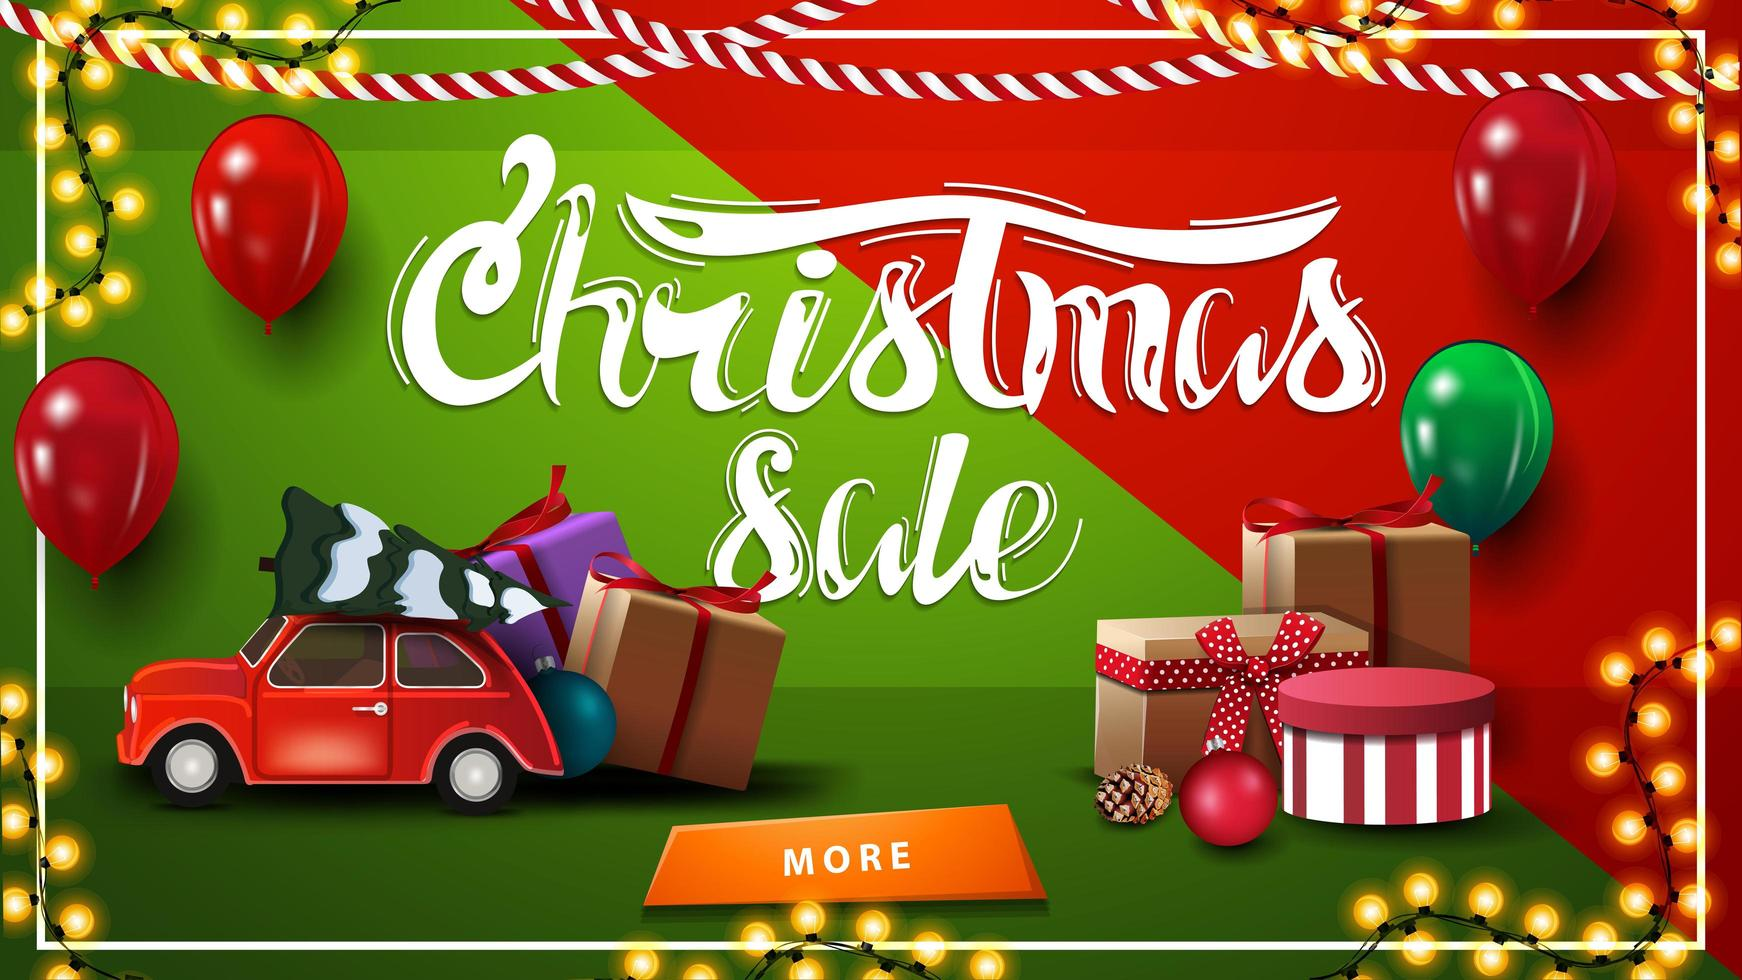 vente de Noël. Bannière de remise horizontale rouge et verte avec guirlande, ballons, cadeaux, bouton et voiture vintage rouge transportant l'arbre de Noël vecteur